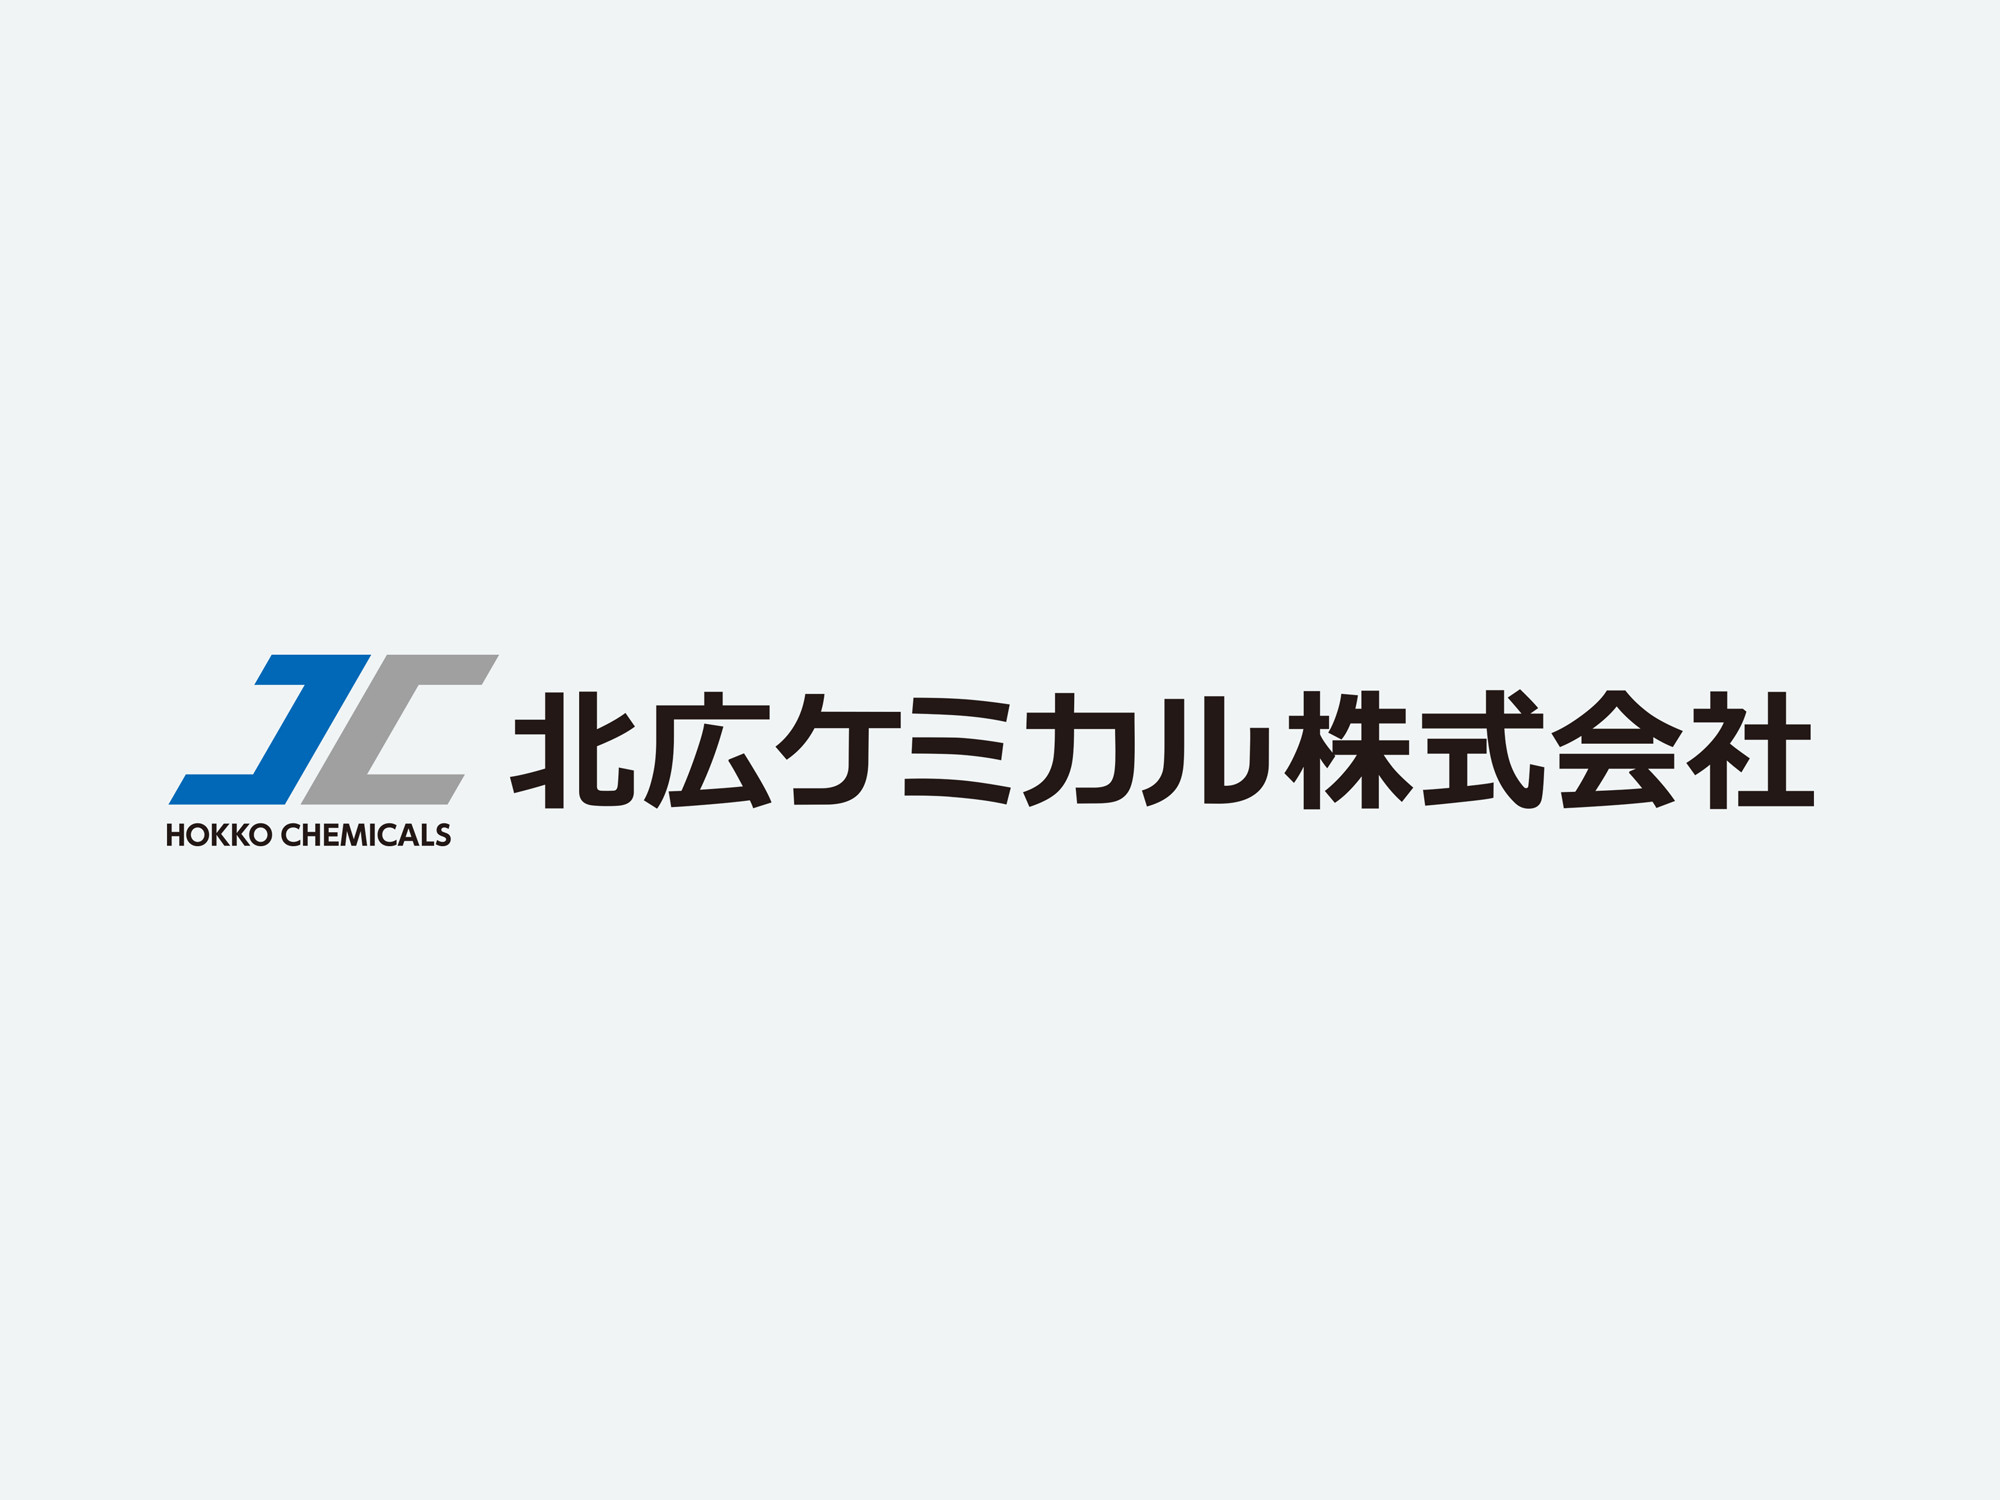 会社案内/ロゴマーク:ケミカル会社